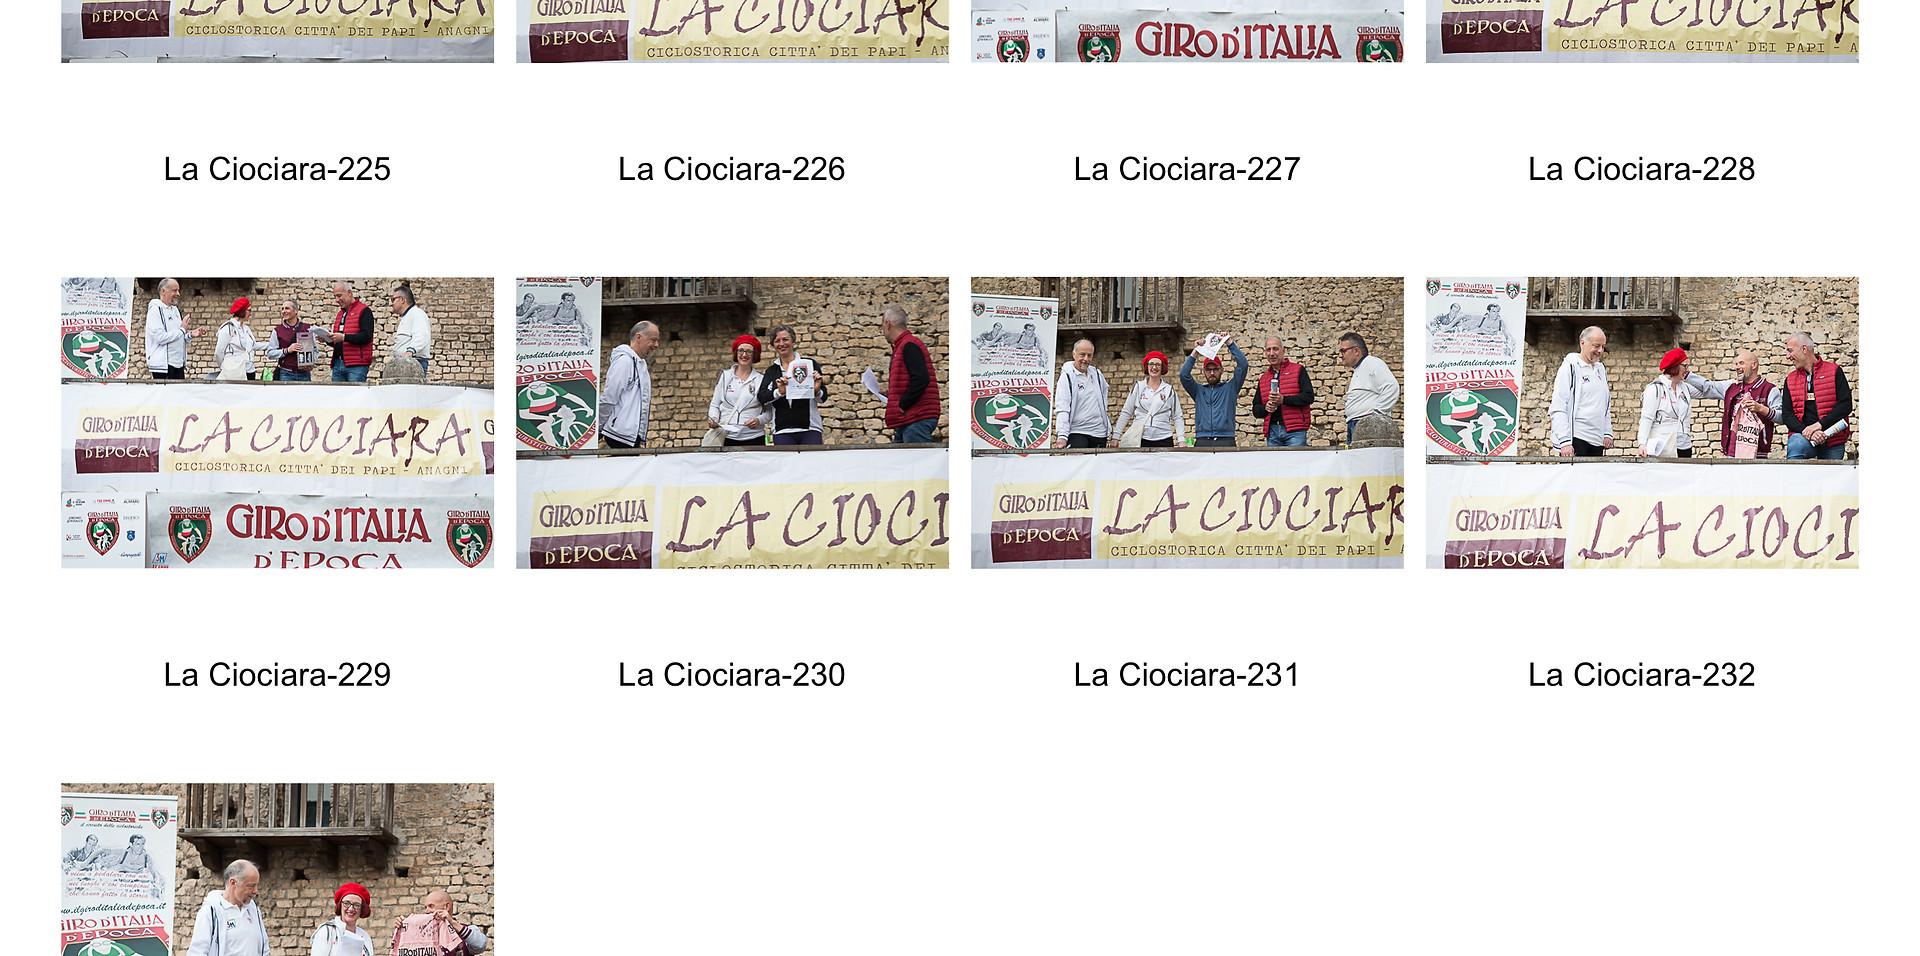 La Ciociara-12.jpg